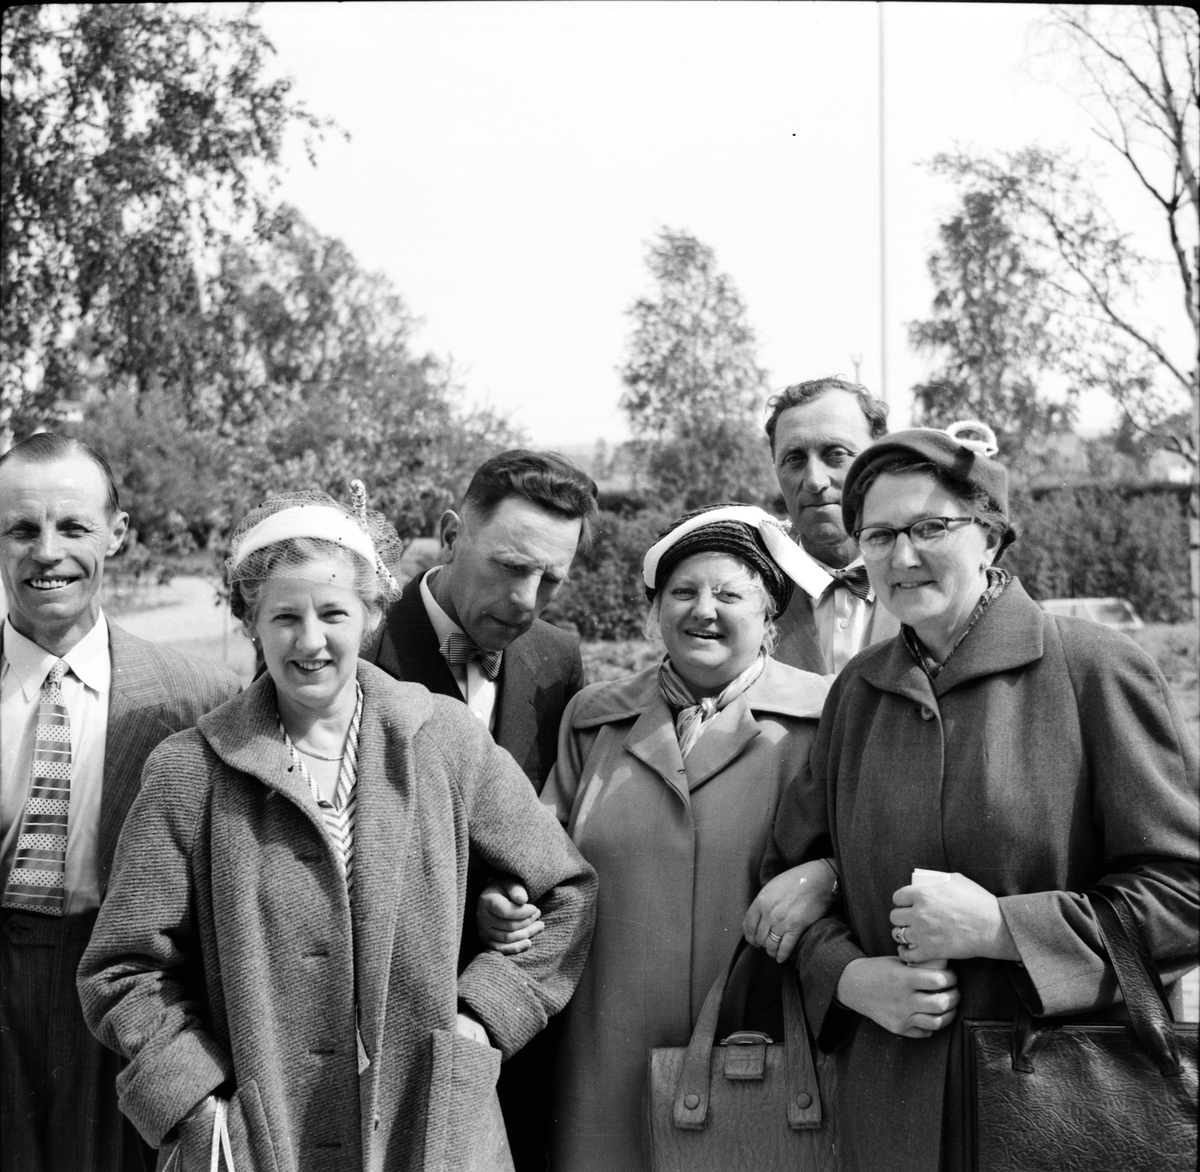 Mejeriföreningen, P. Perzon, Sv. Häger, m.fl. Besök på mejeriet, 1953